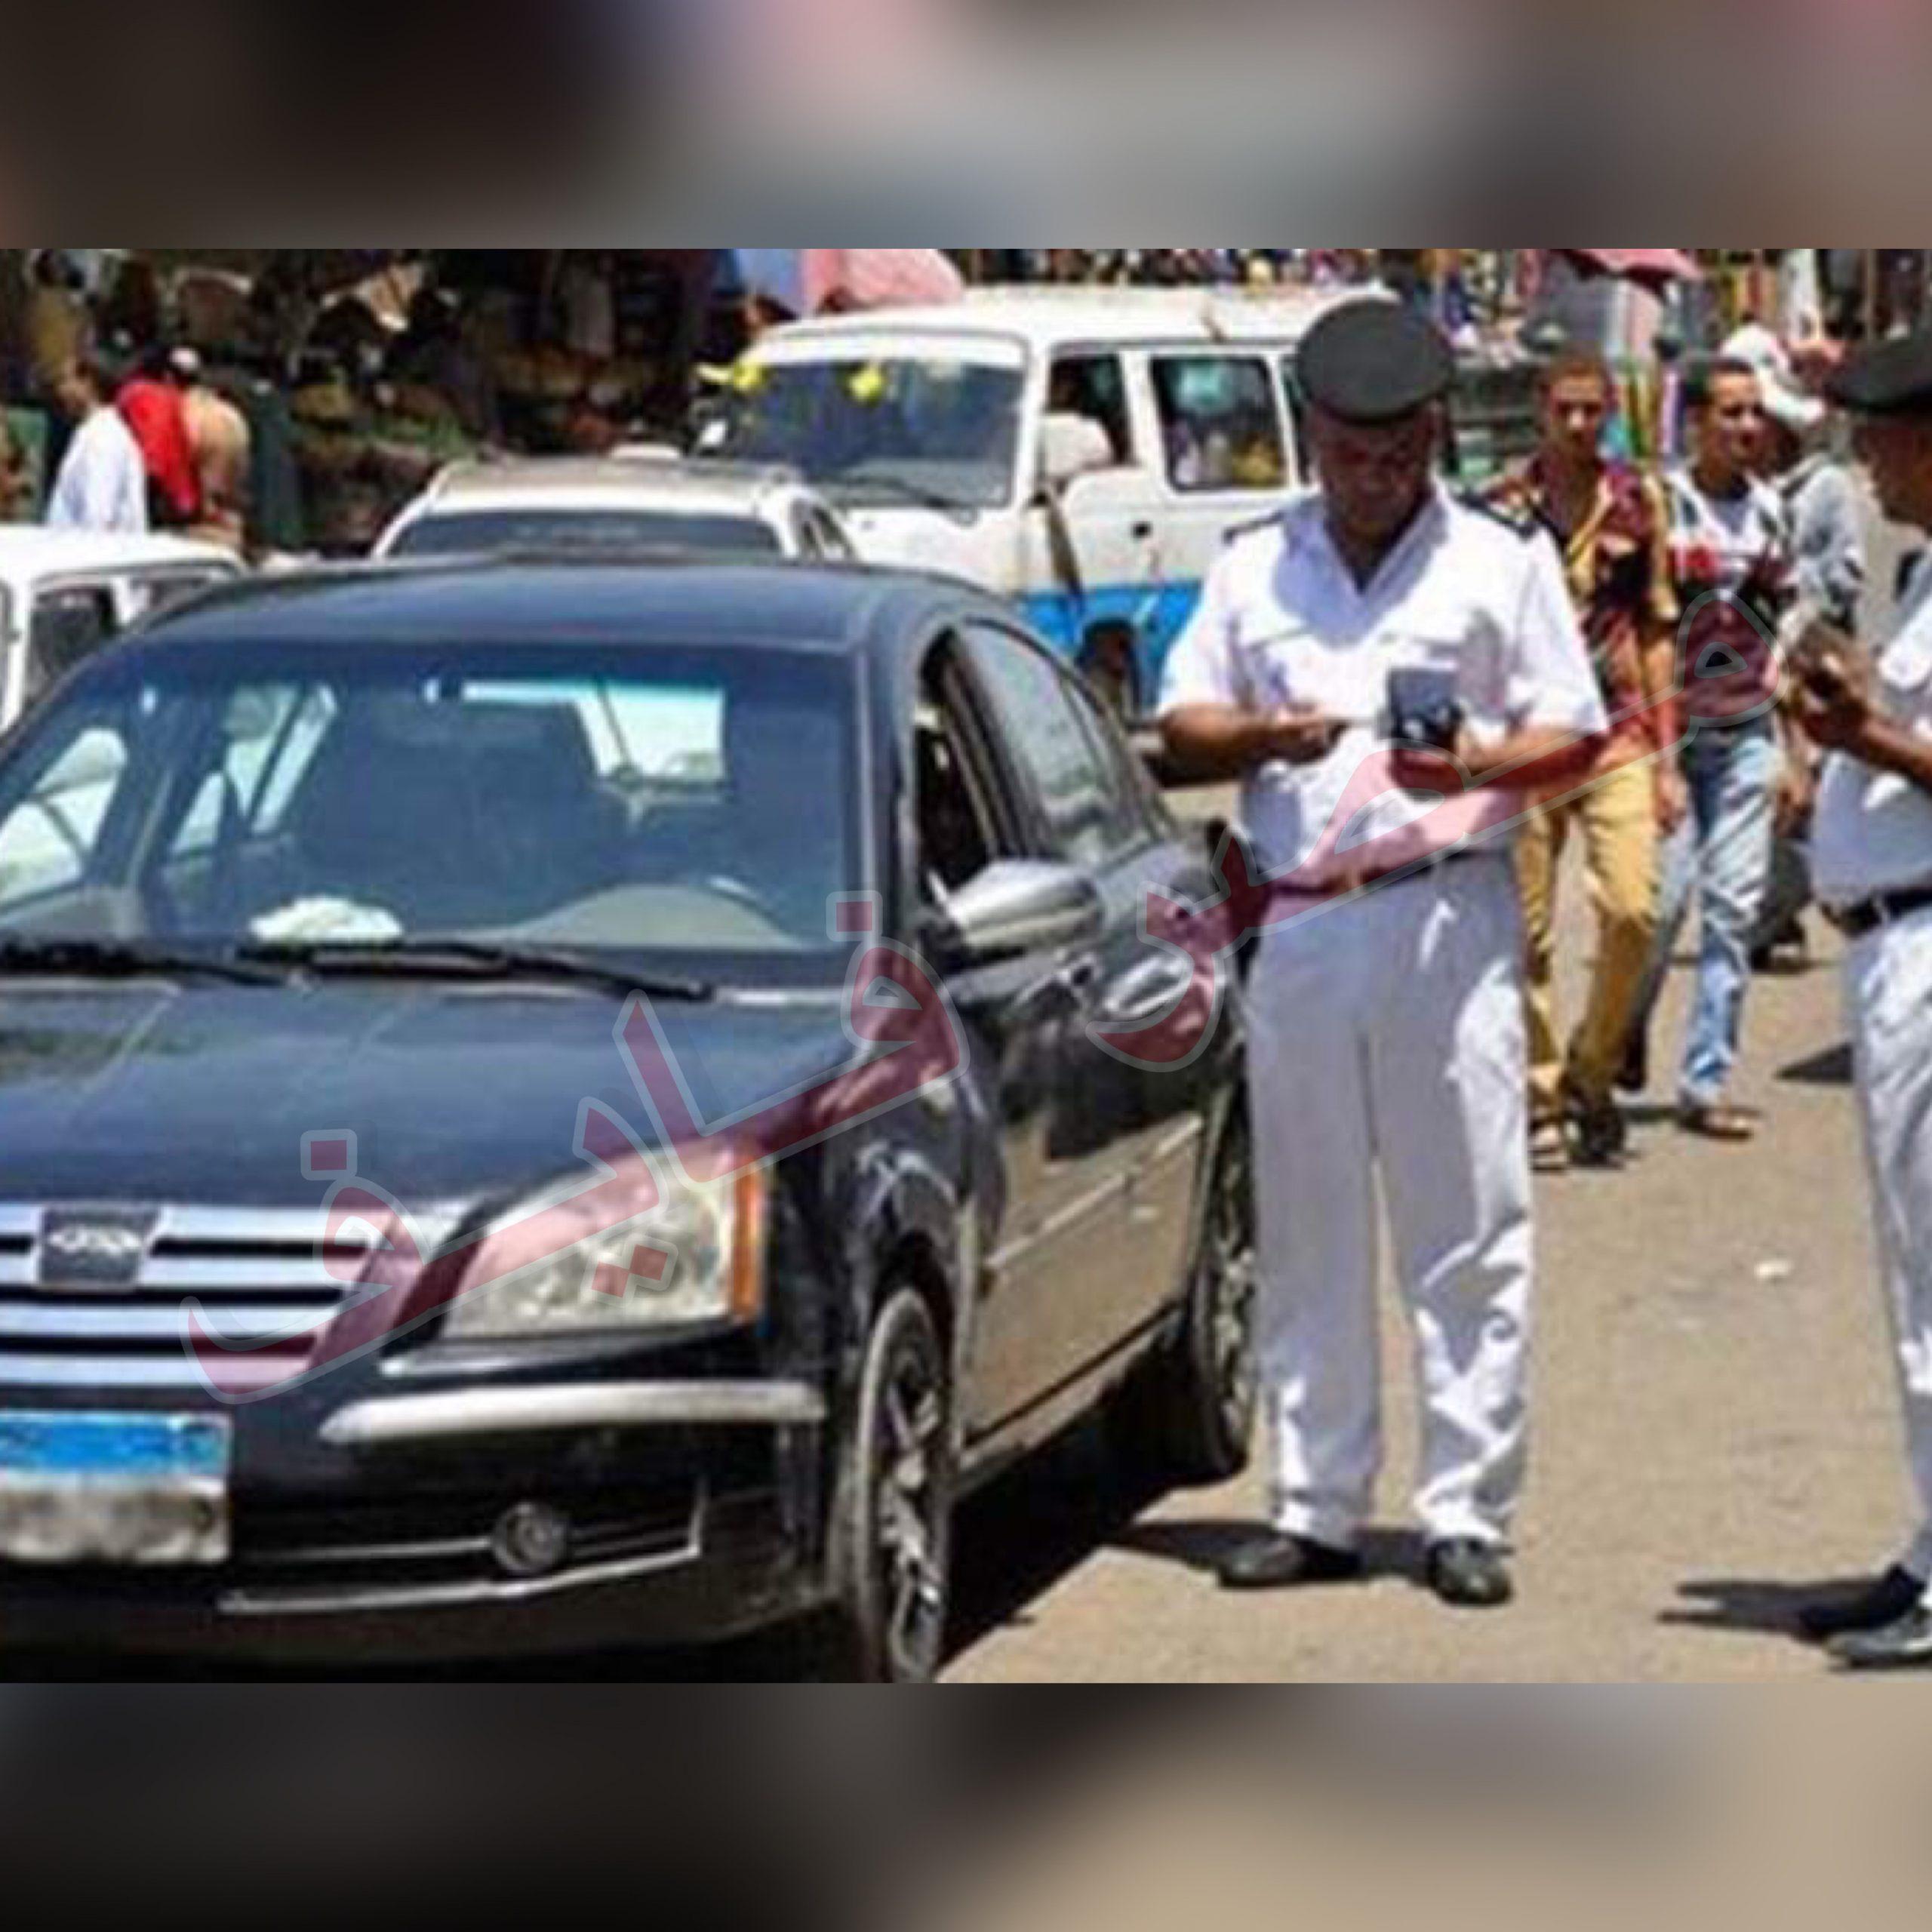 الاستعلام عن شهادة مخالفات المرور 2021 وخطوات استخرجها عن طريق بوابة الحكومة المصرية